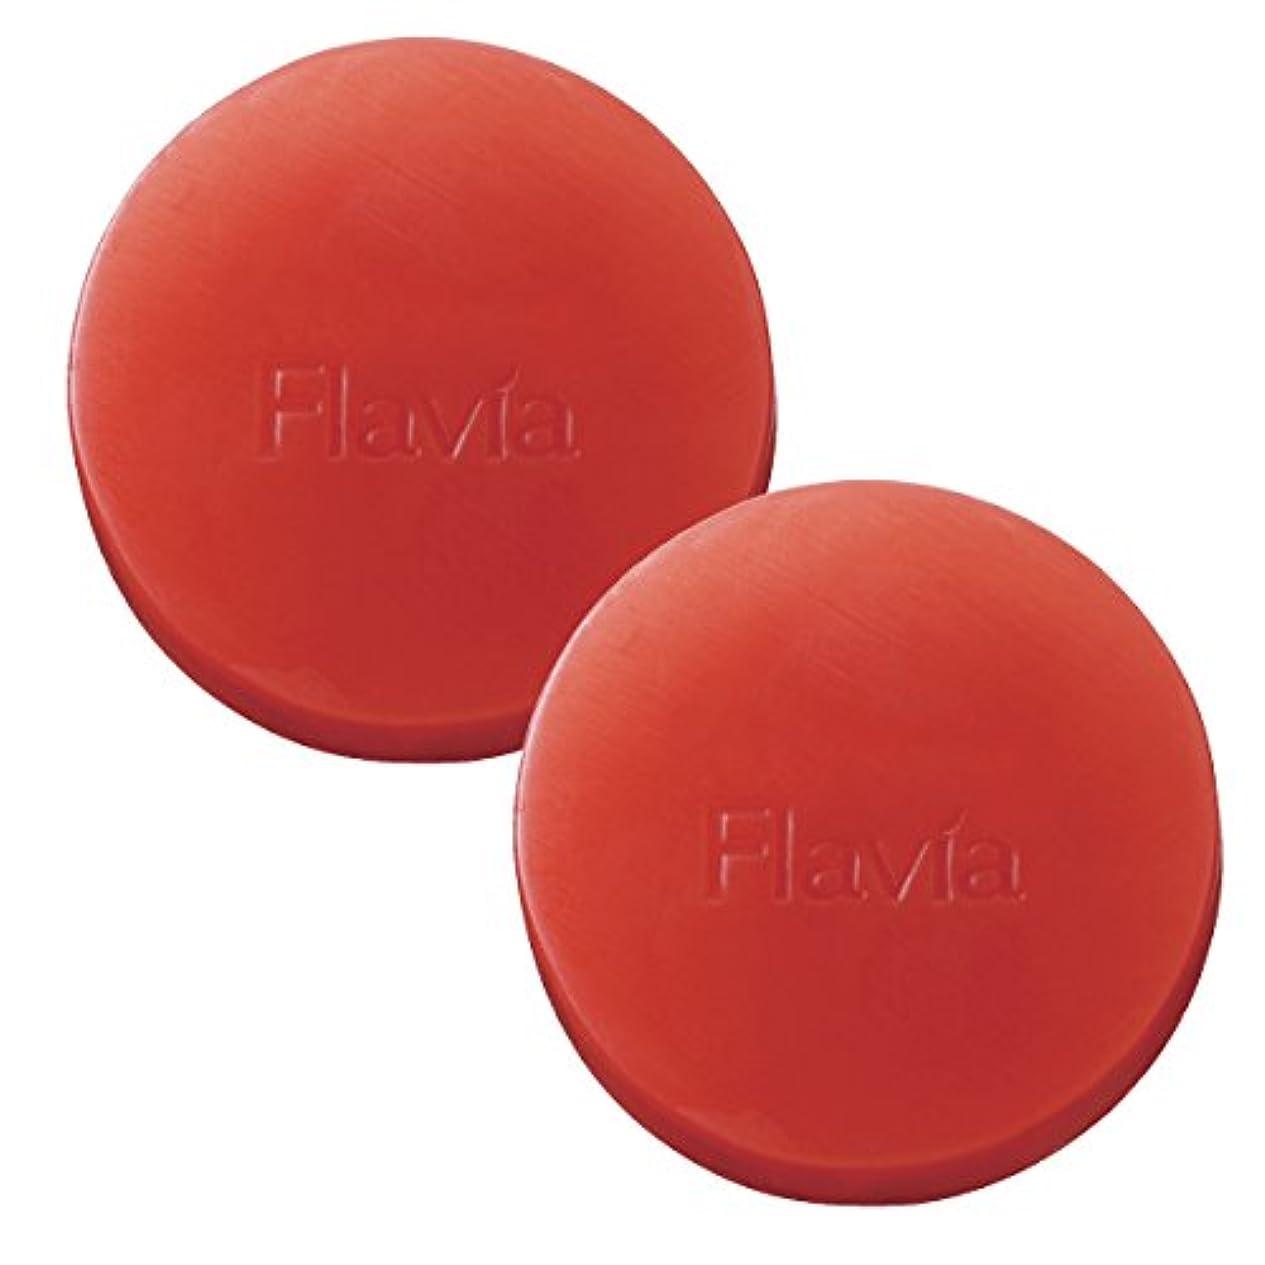 ネットミキサー血色の良いフォーマルクライン 薬用 フラビア ソープ 朝用 2個セット 洗顔 石けん